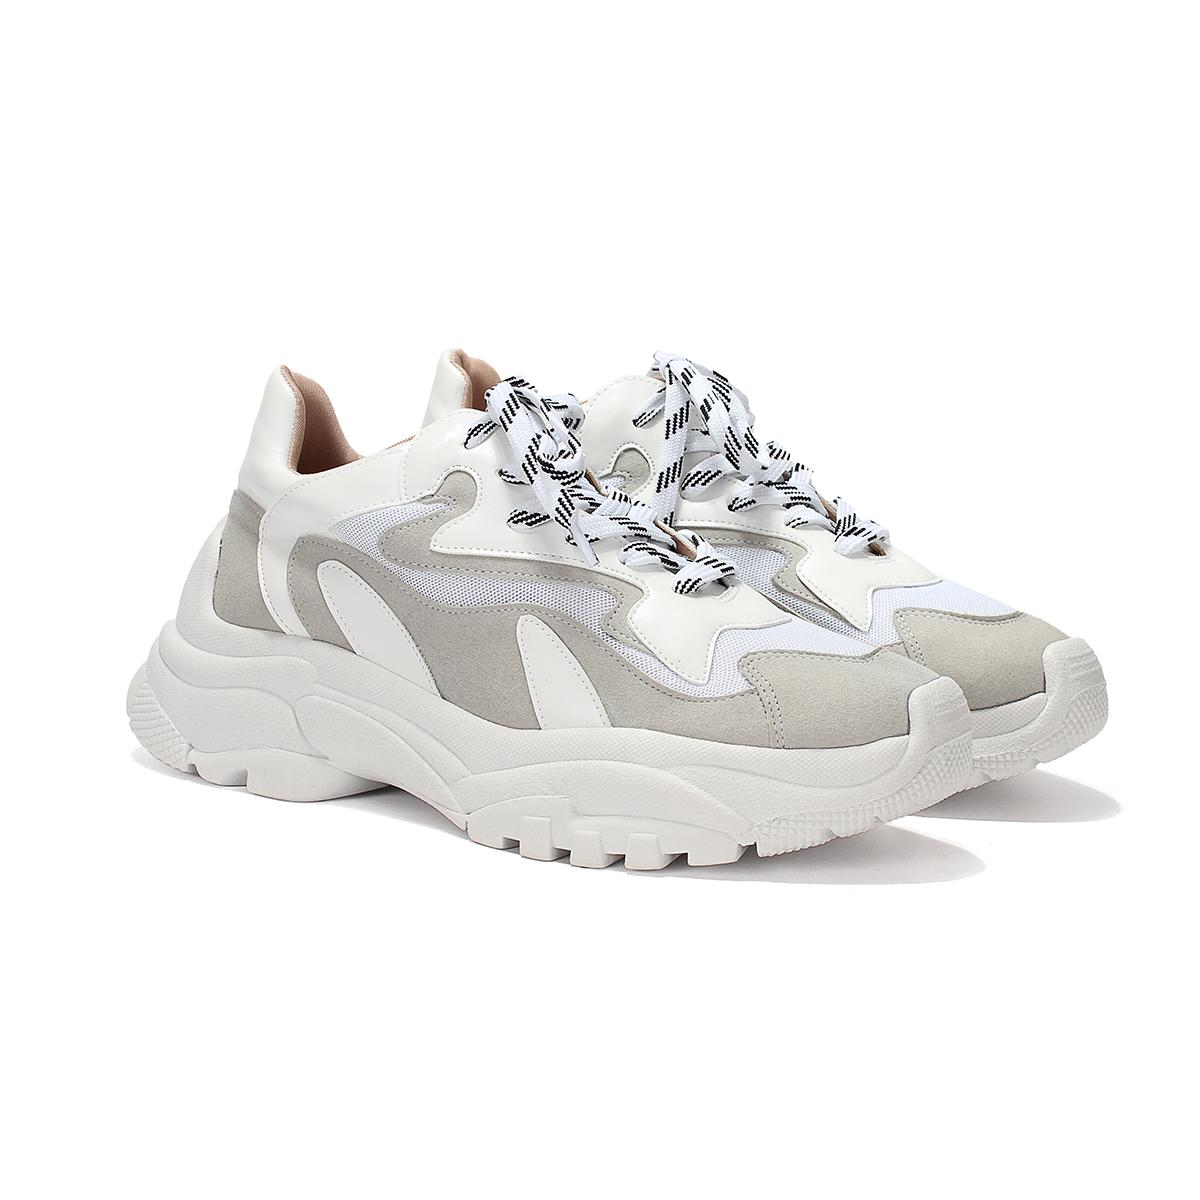 Chunky Sneakers ZATZ Branco com Cinza